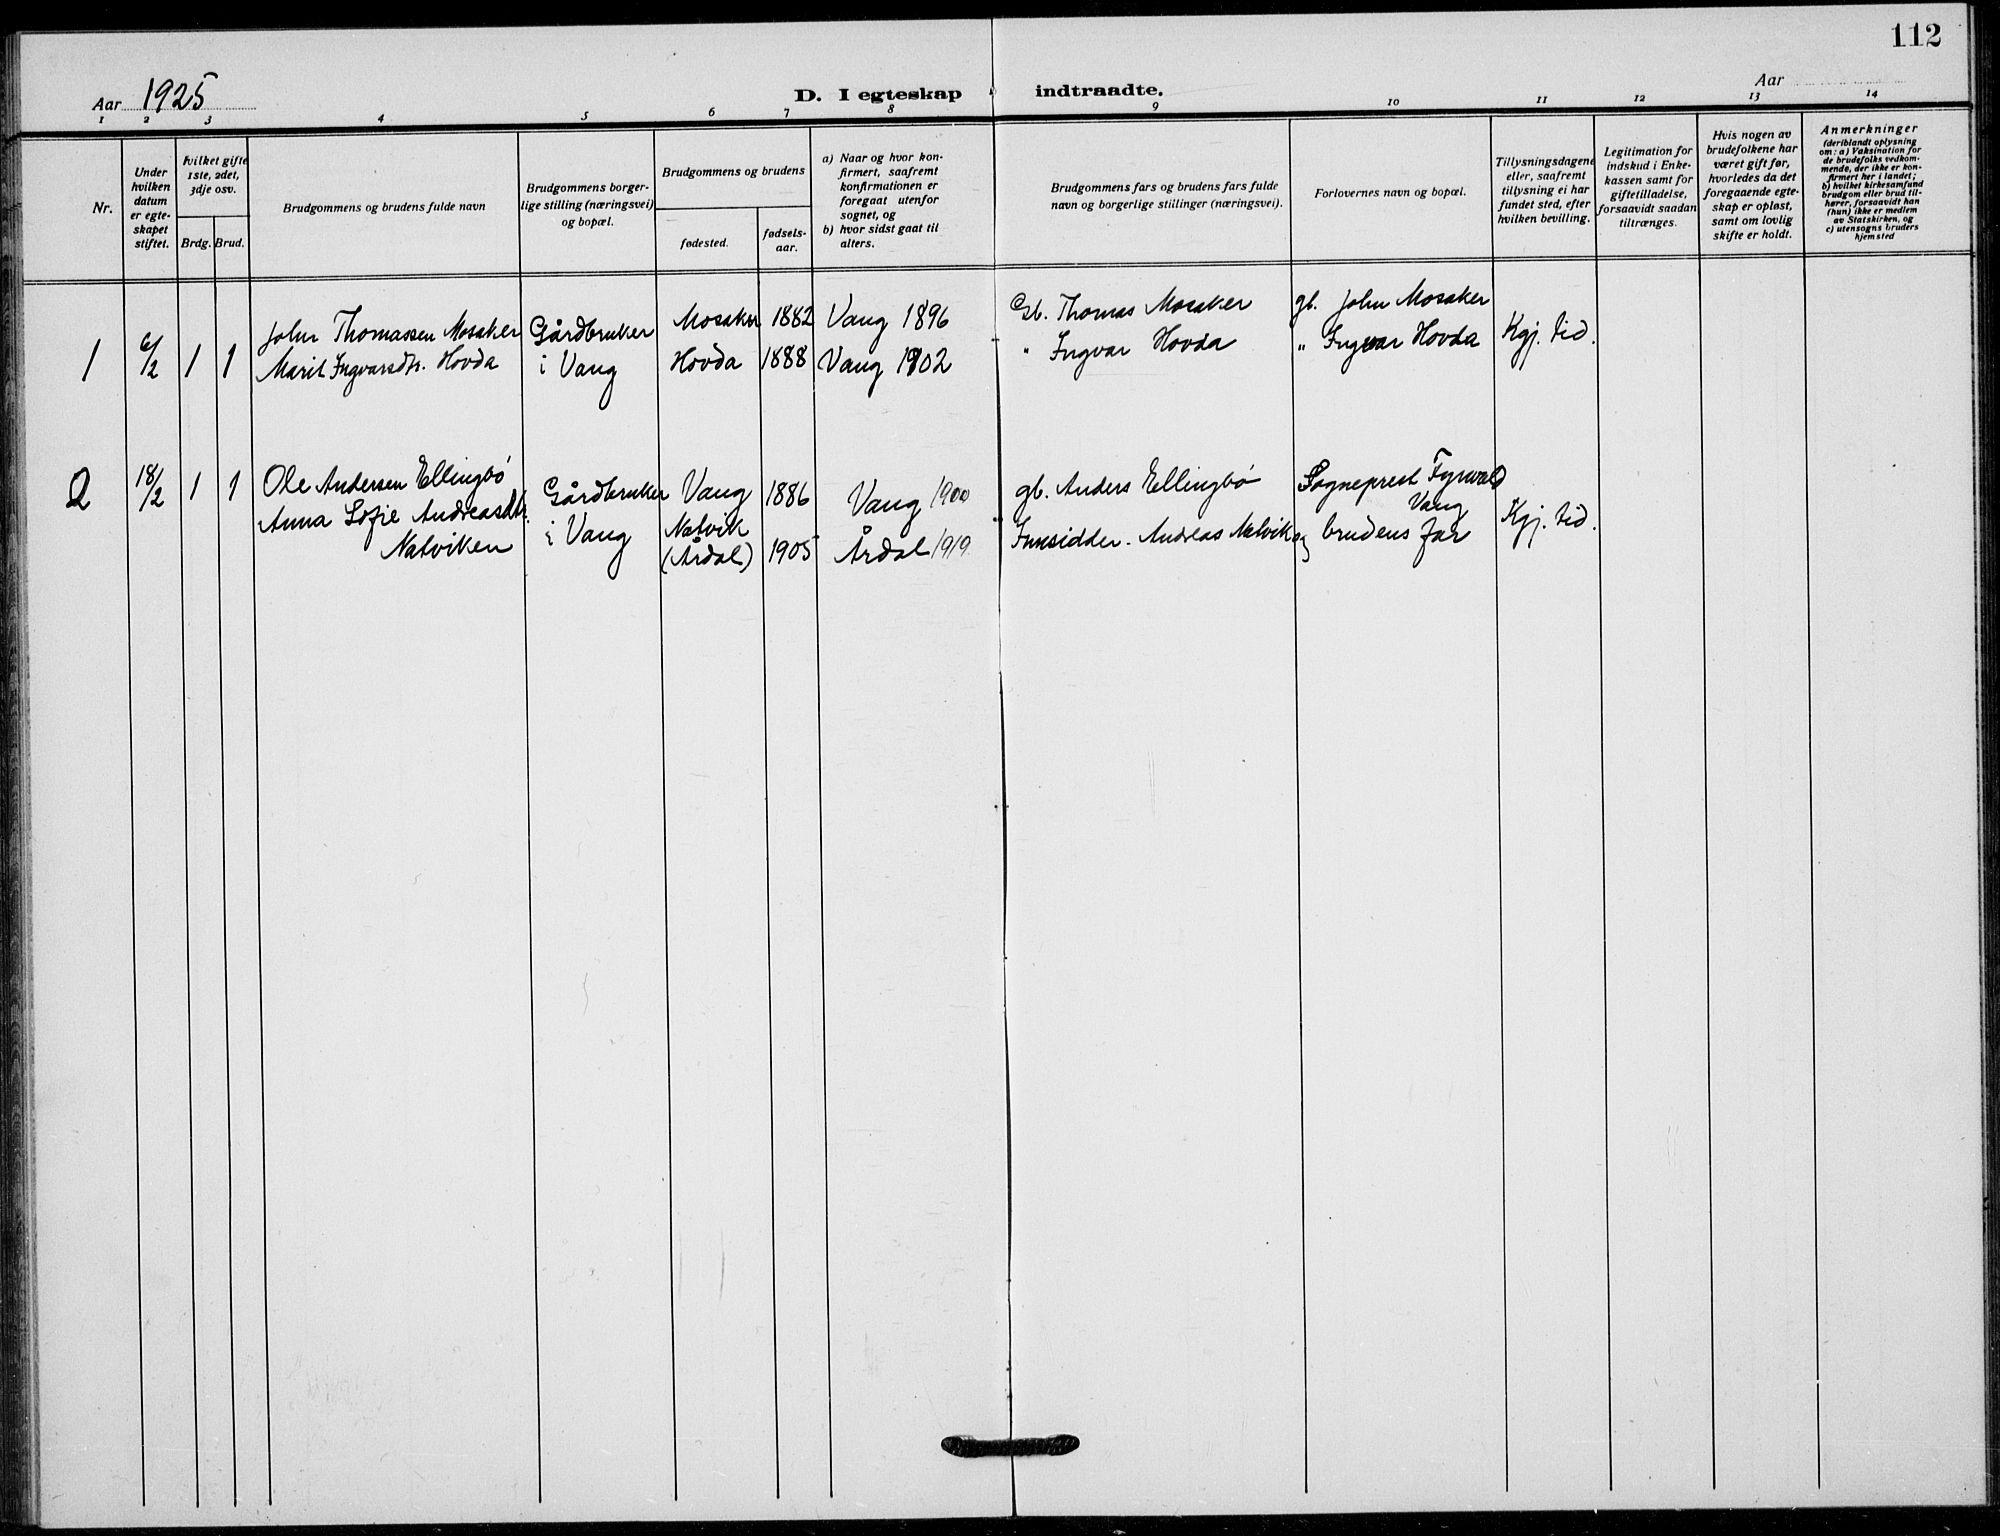 SAH, Vang prestekontor, Valdres, Klokkerbok nr. 12, 1919-1937, s. 112